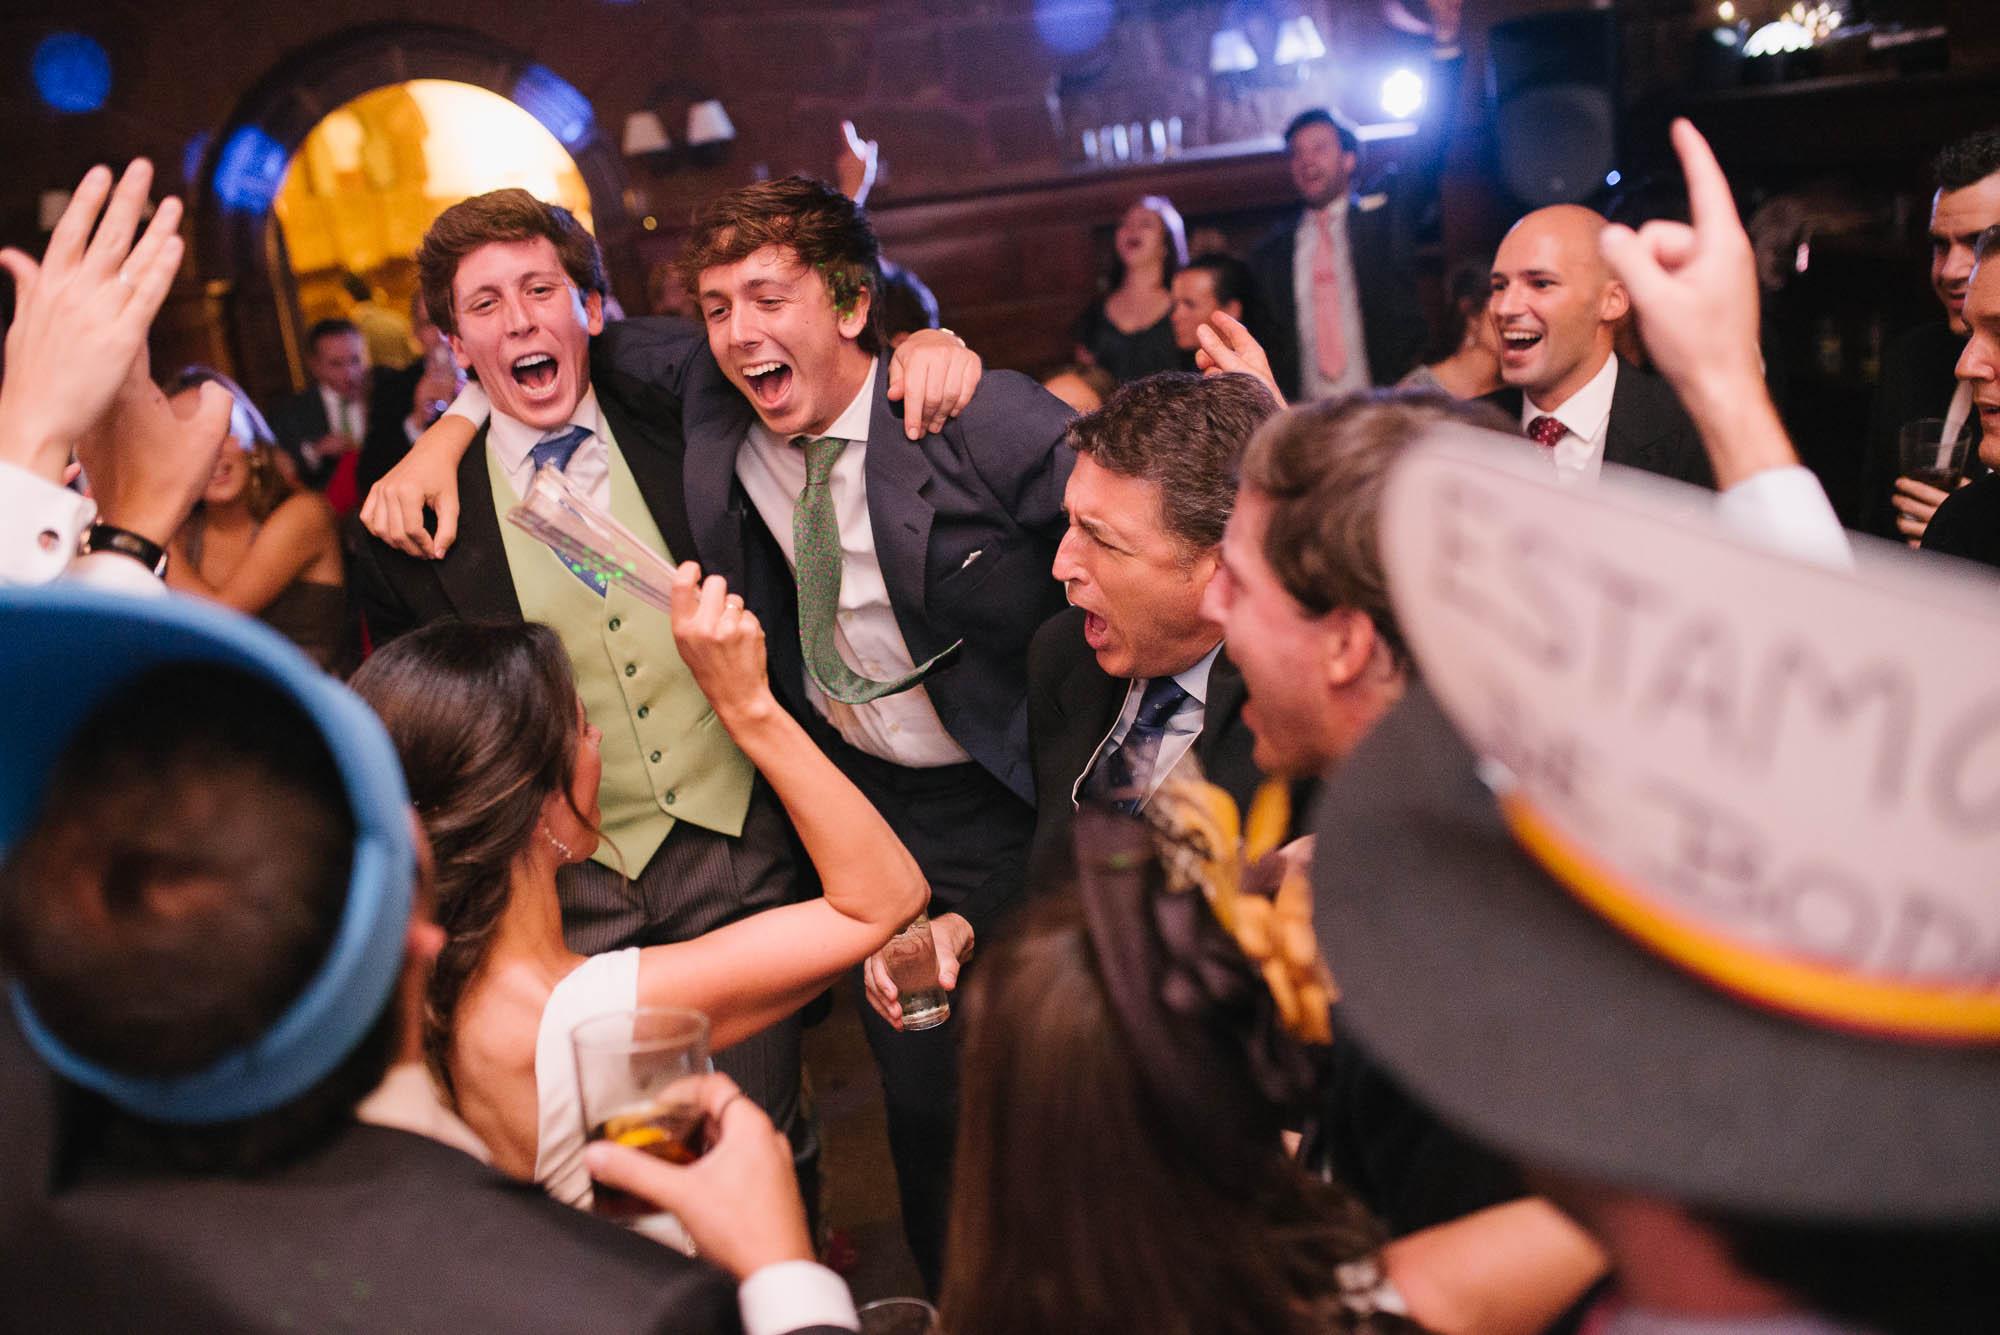 Todos los invitados celebrando de fiesta junto con la novia